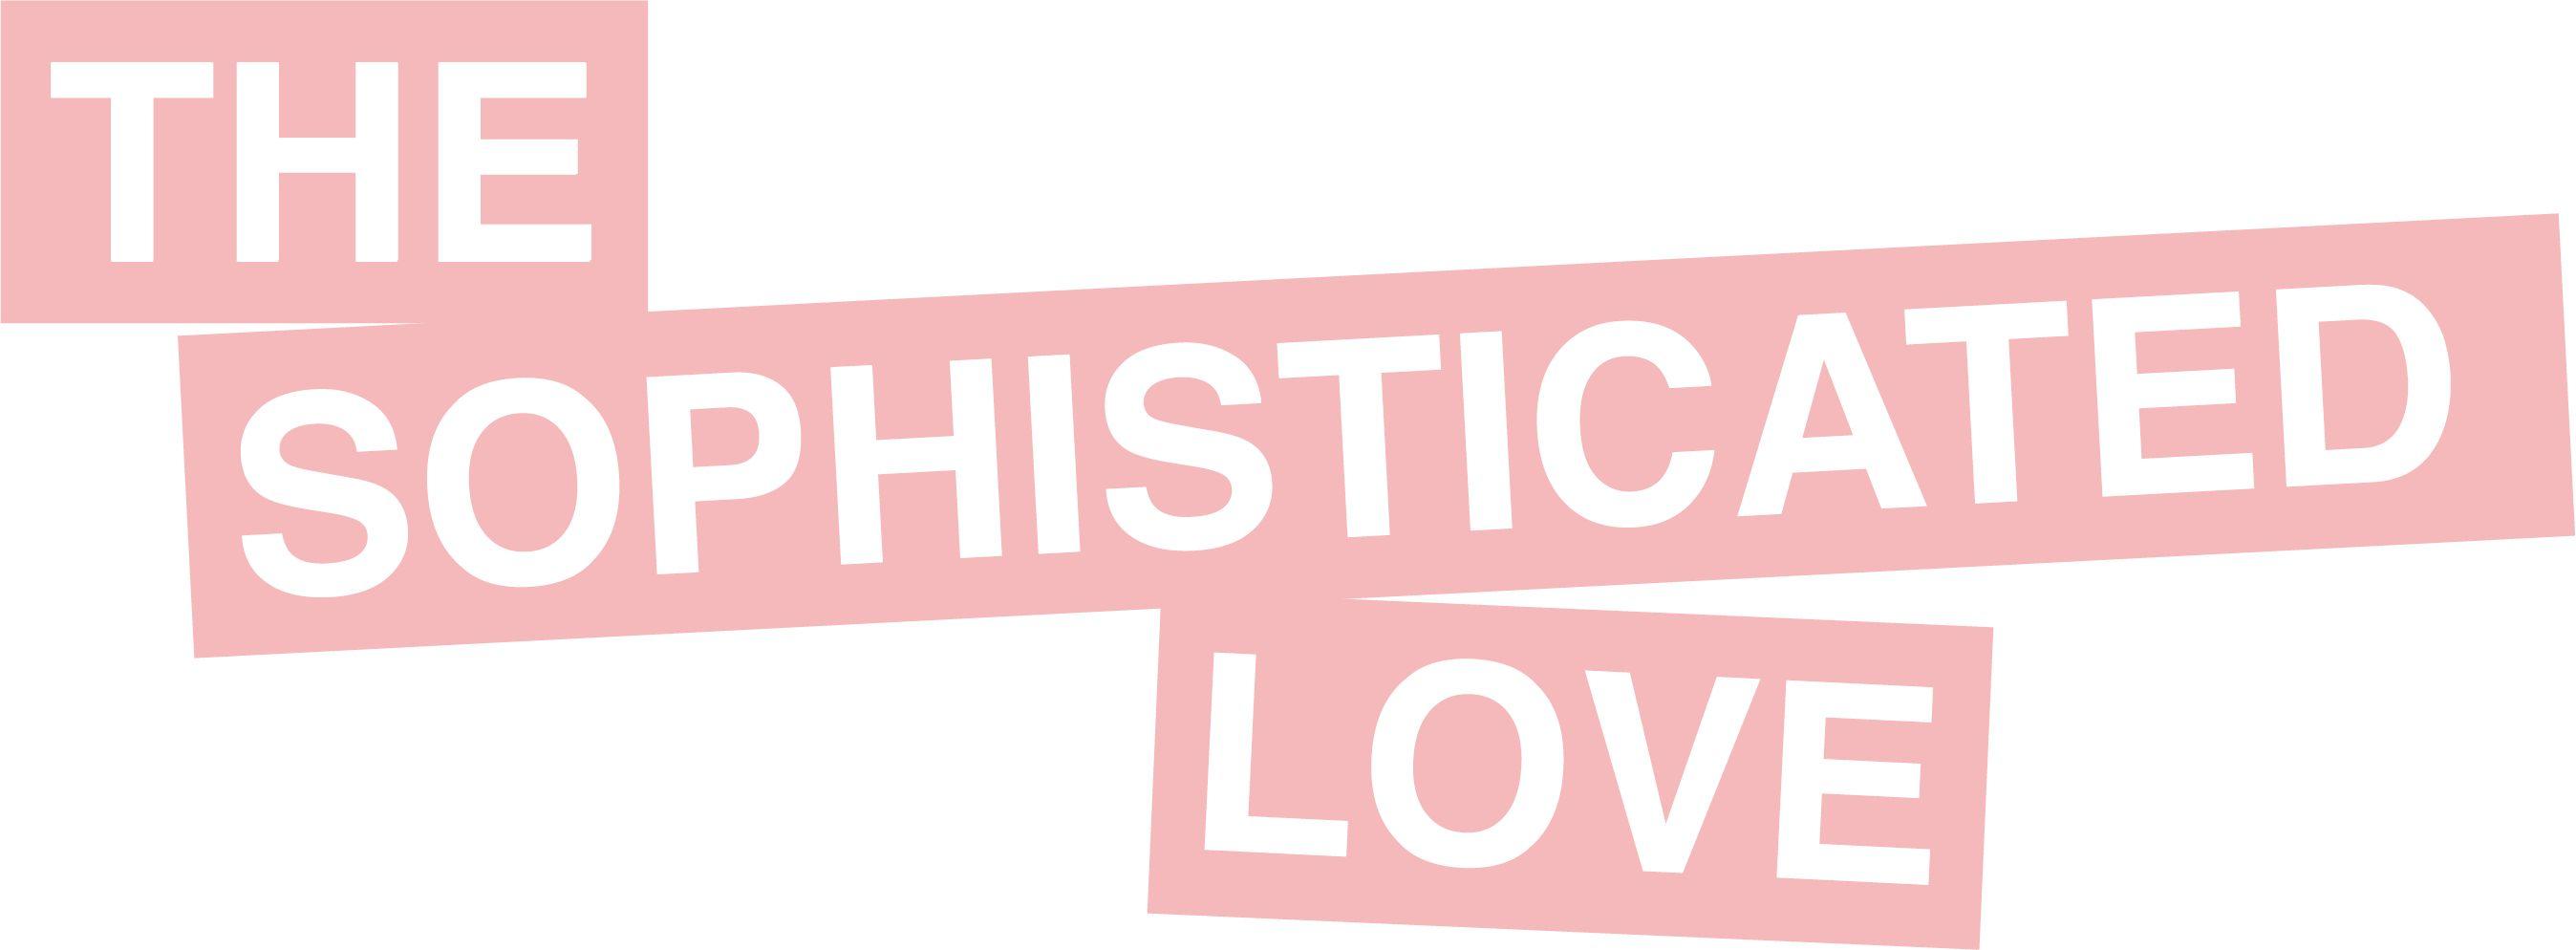 logo valentines day